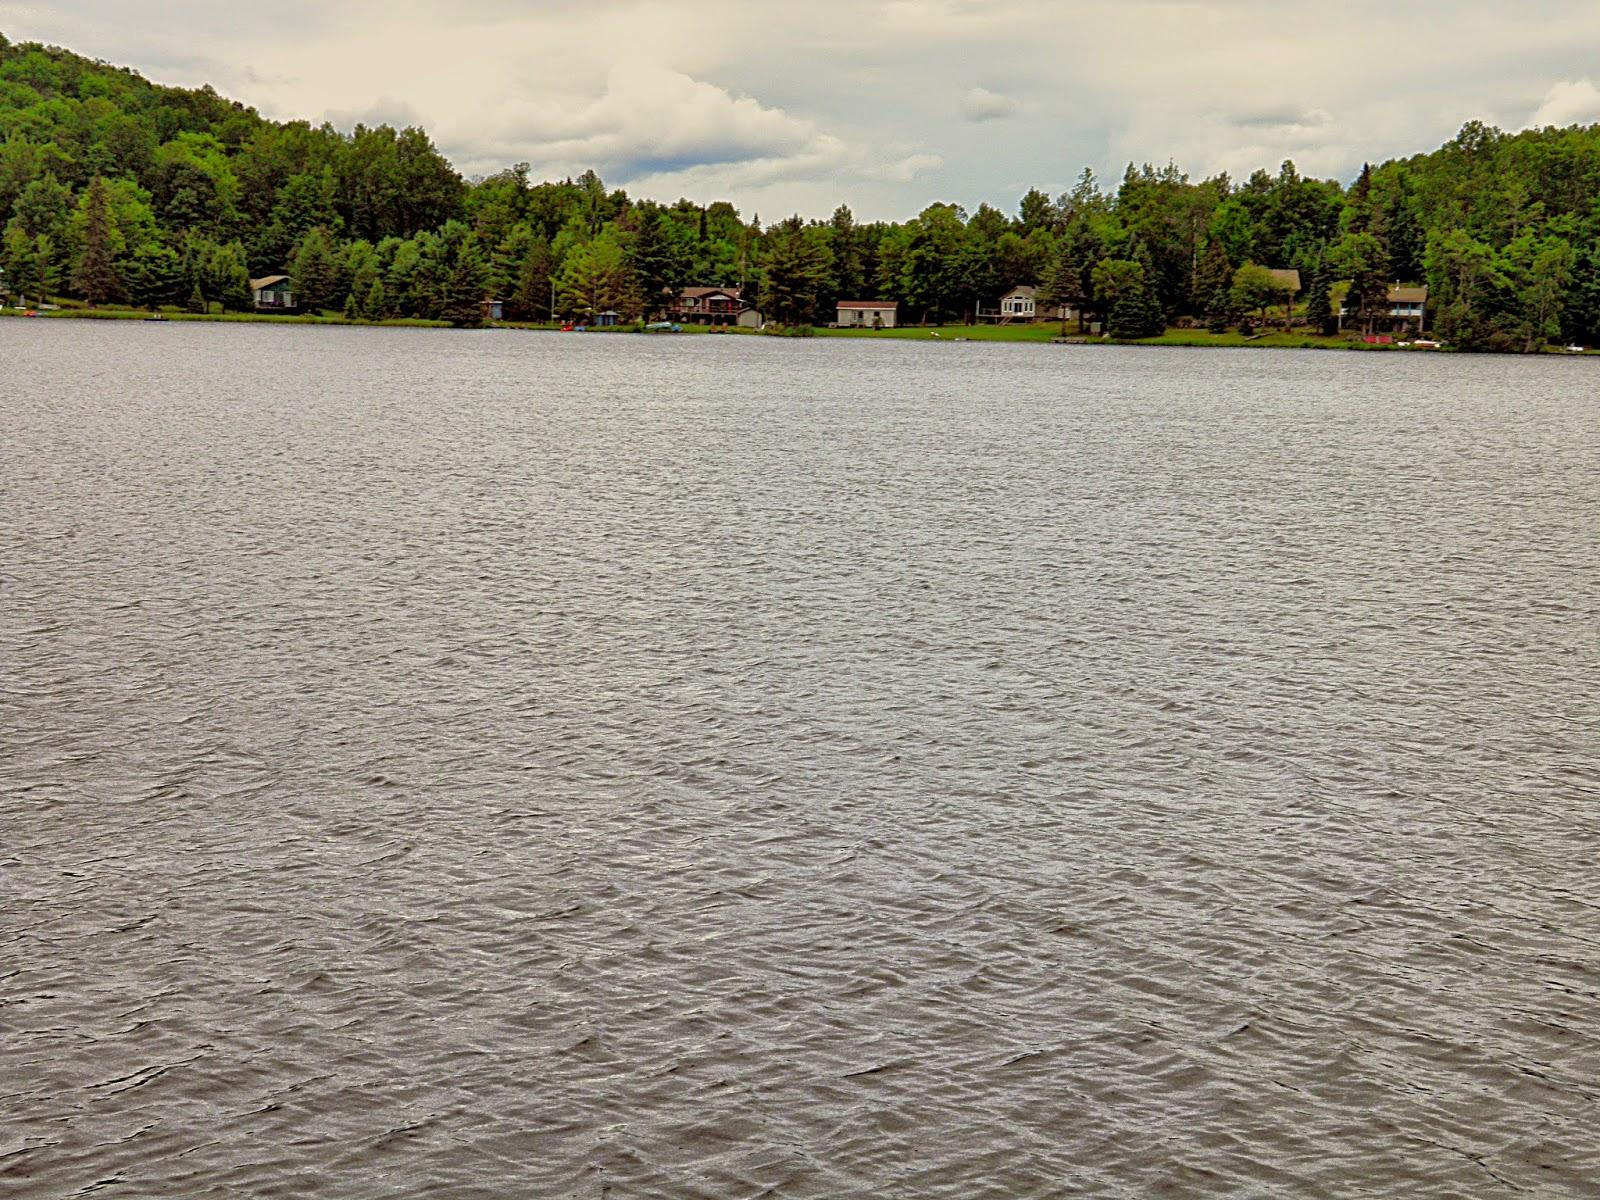 Terrain à vendre au bord de l'eau à Gracefield (Haute Gatineau, Outaouais, Québec)